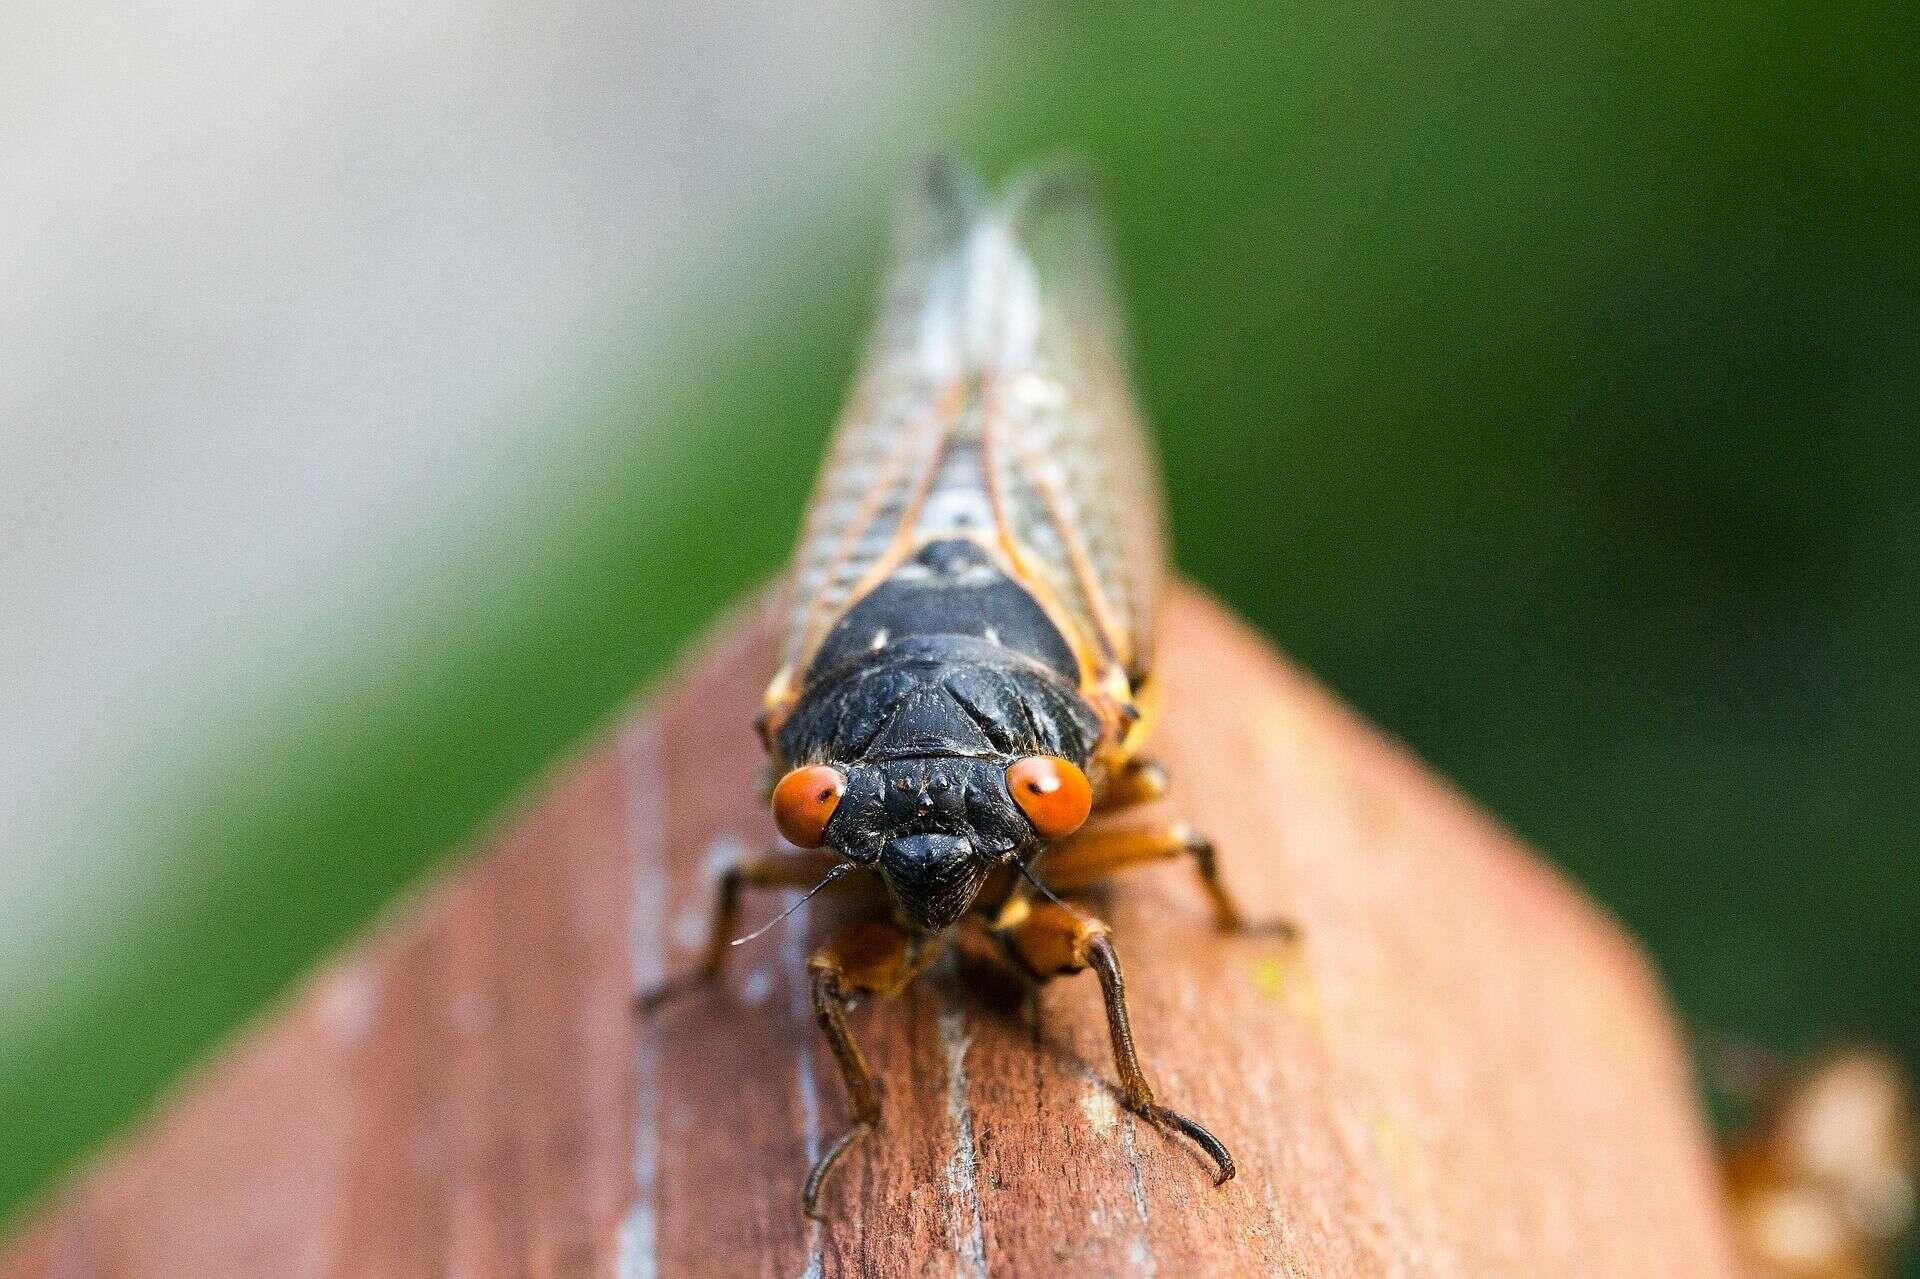 لماذا تظهر حشرات زيز الحصاد في حديقتك قبل أربع سنوات من موعد ظهورها